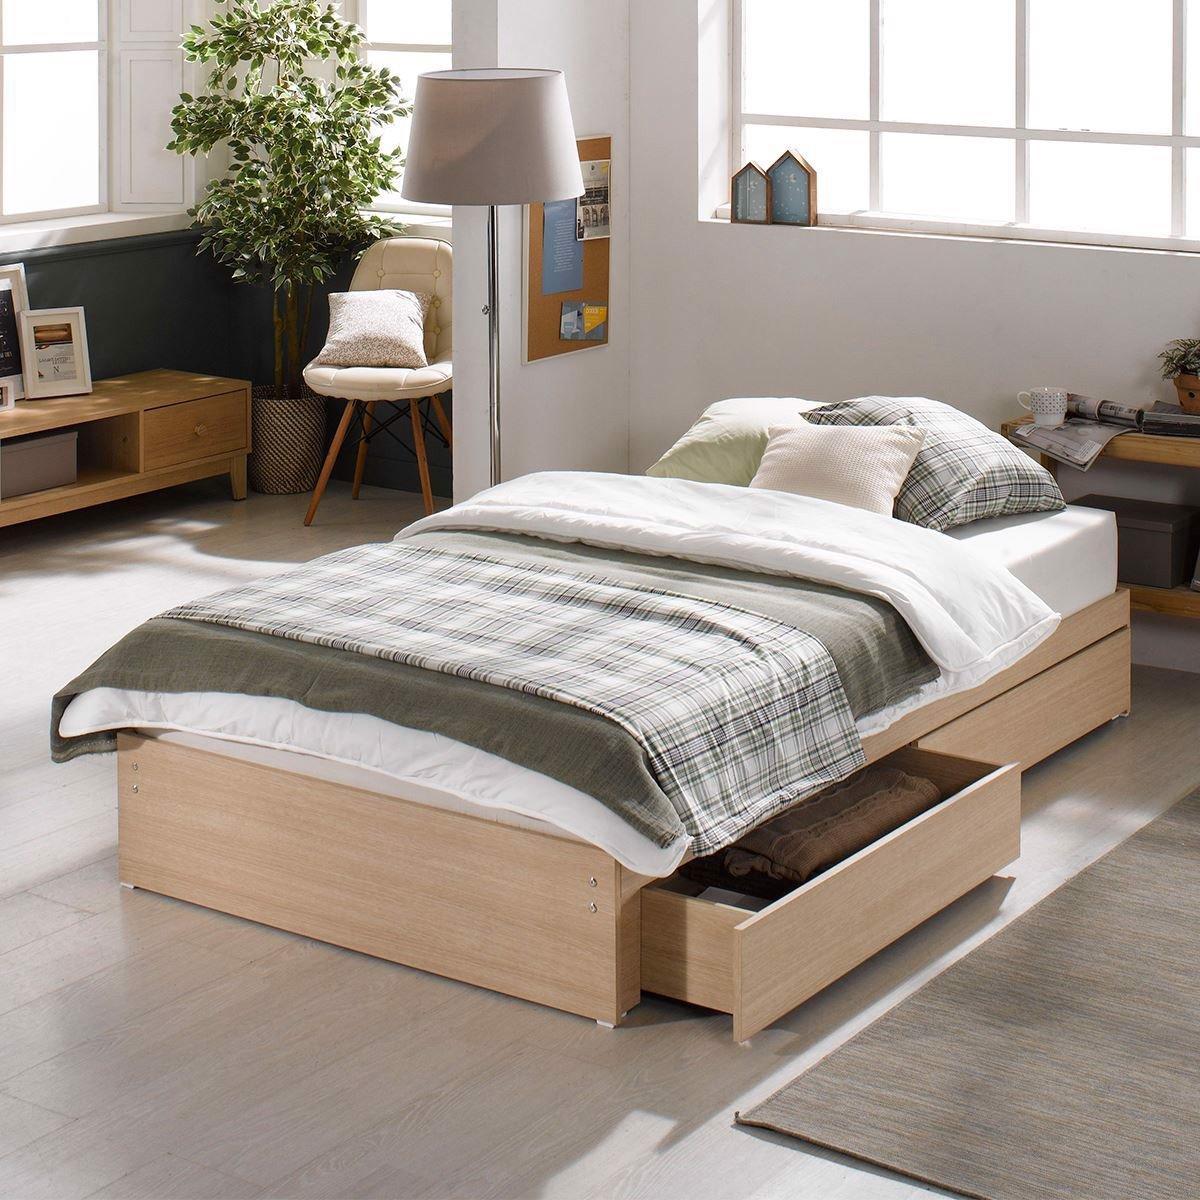 Giường đơn là gì? 50 mẫu giường đơn giá tốt nhất 2020 – Dongsuh Furniture